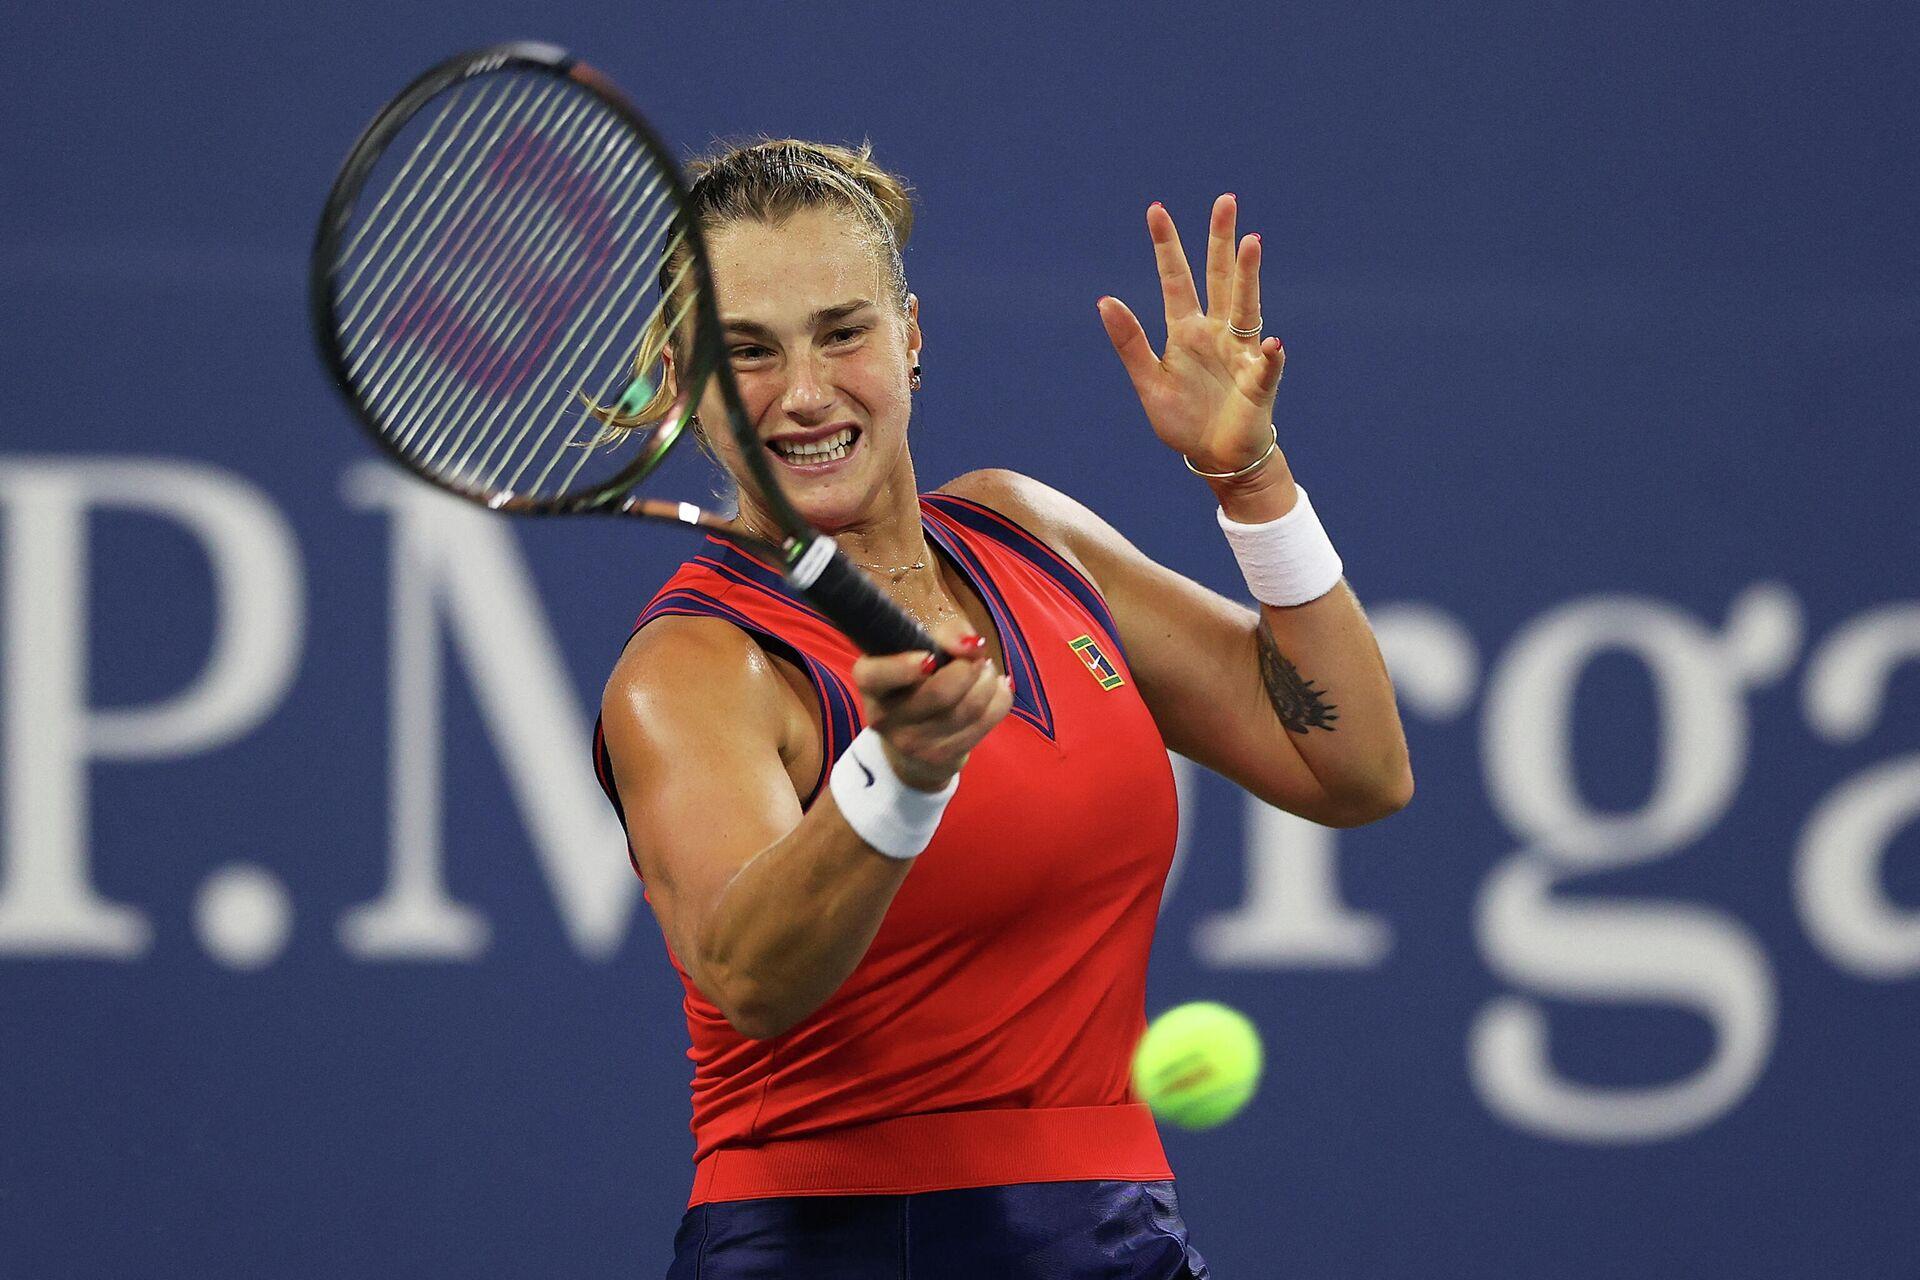 Арина Соболенко в матче 1/16 финала US Open переиграла американку Даниэль Коллинз  - Sputnik Беларусь, 1920, 04.09.2021